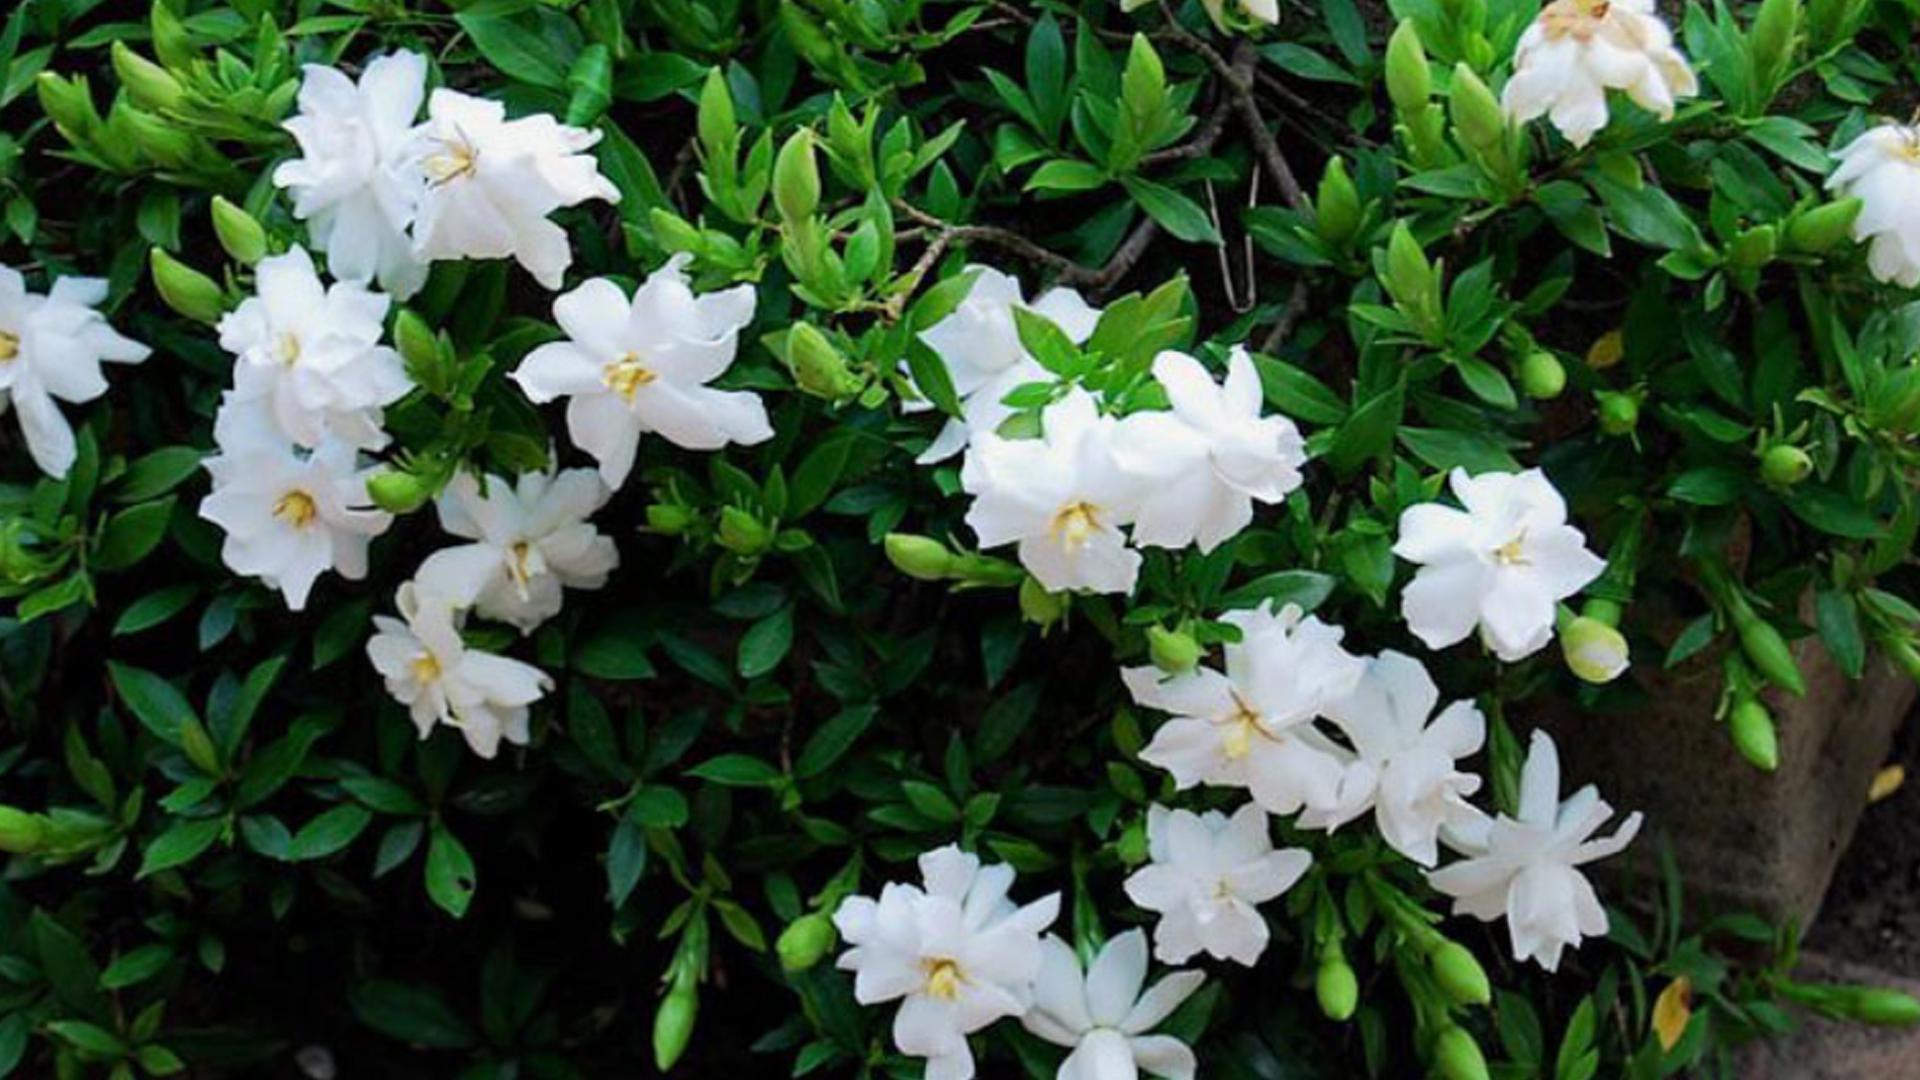 Không cần tinh dầu hay xịt phòng, ngôi nhà của chị em sẽ thơm mát hơn nhờ trong những loại cây này! - Ảnh 6.